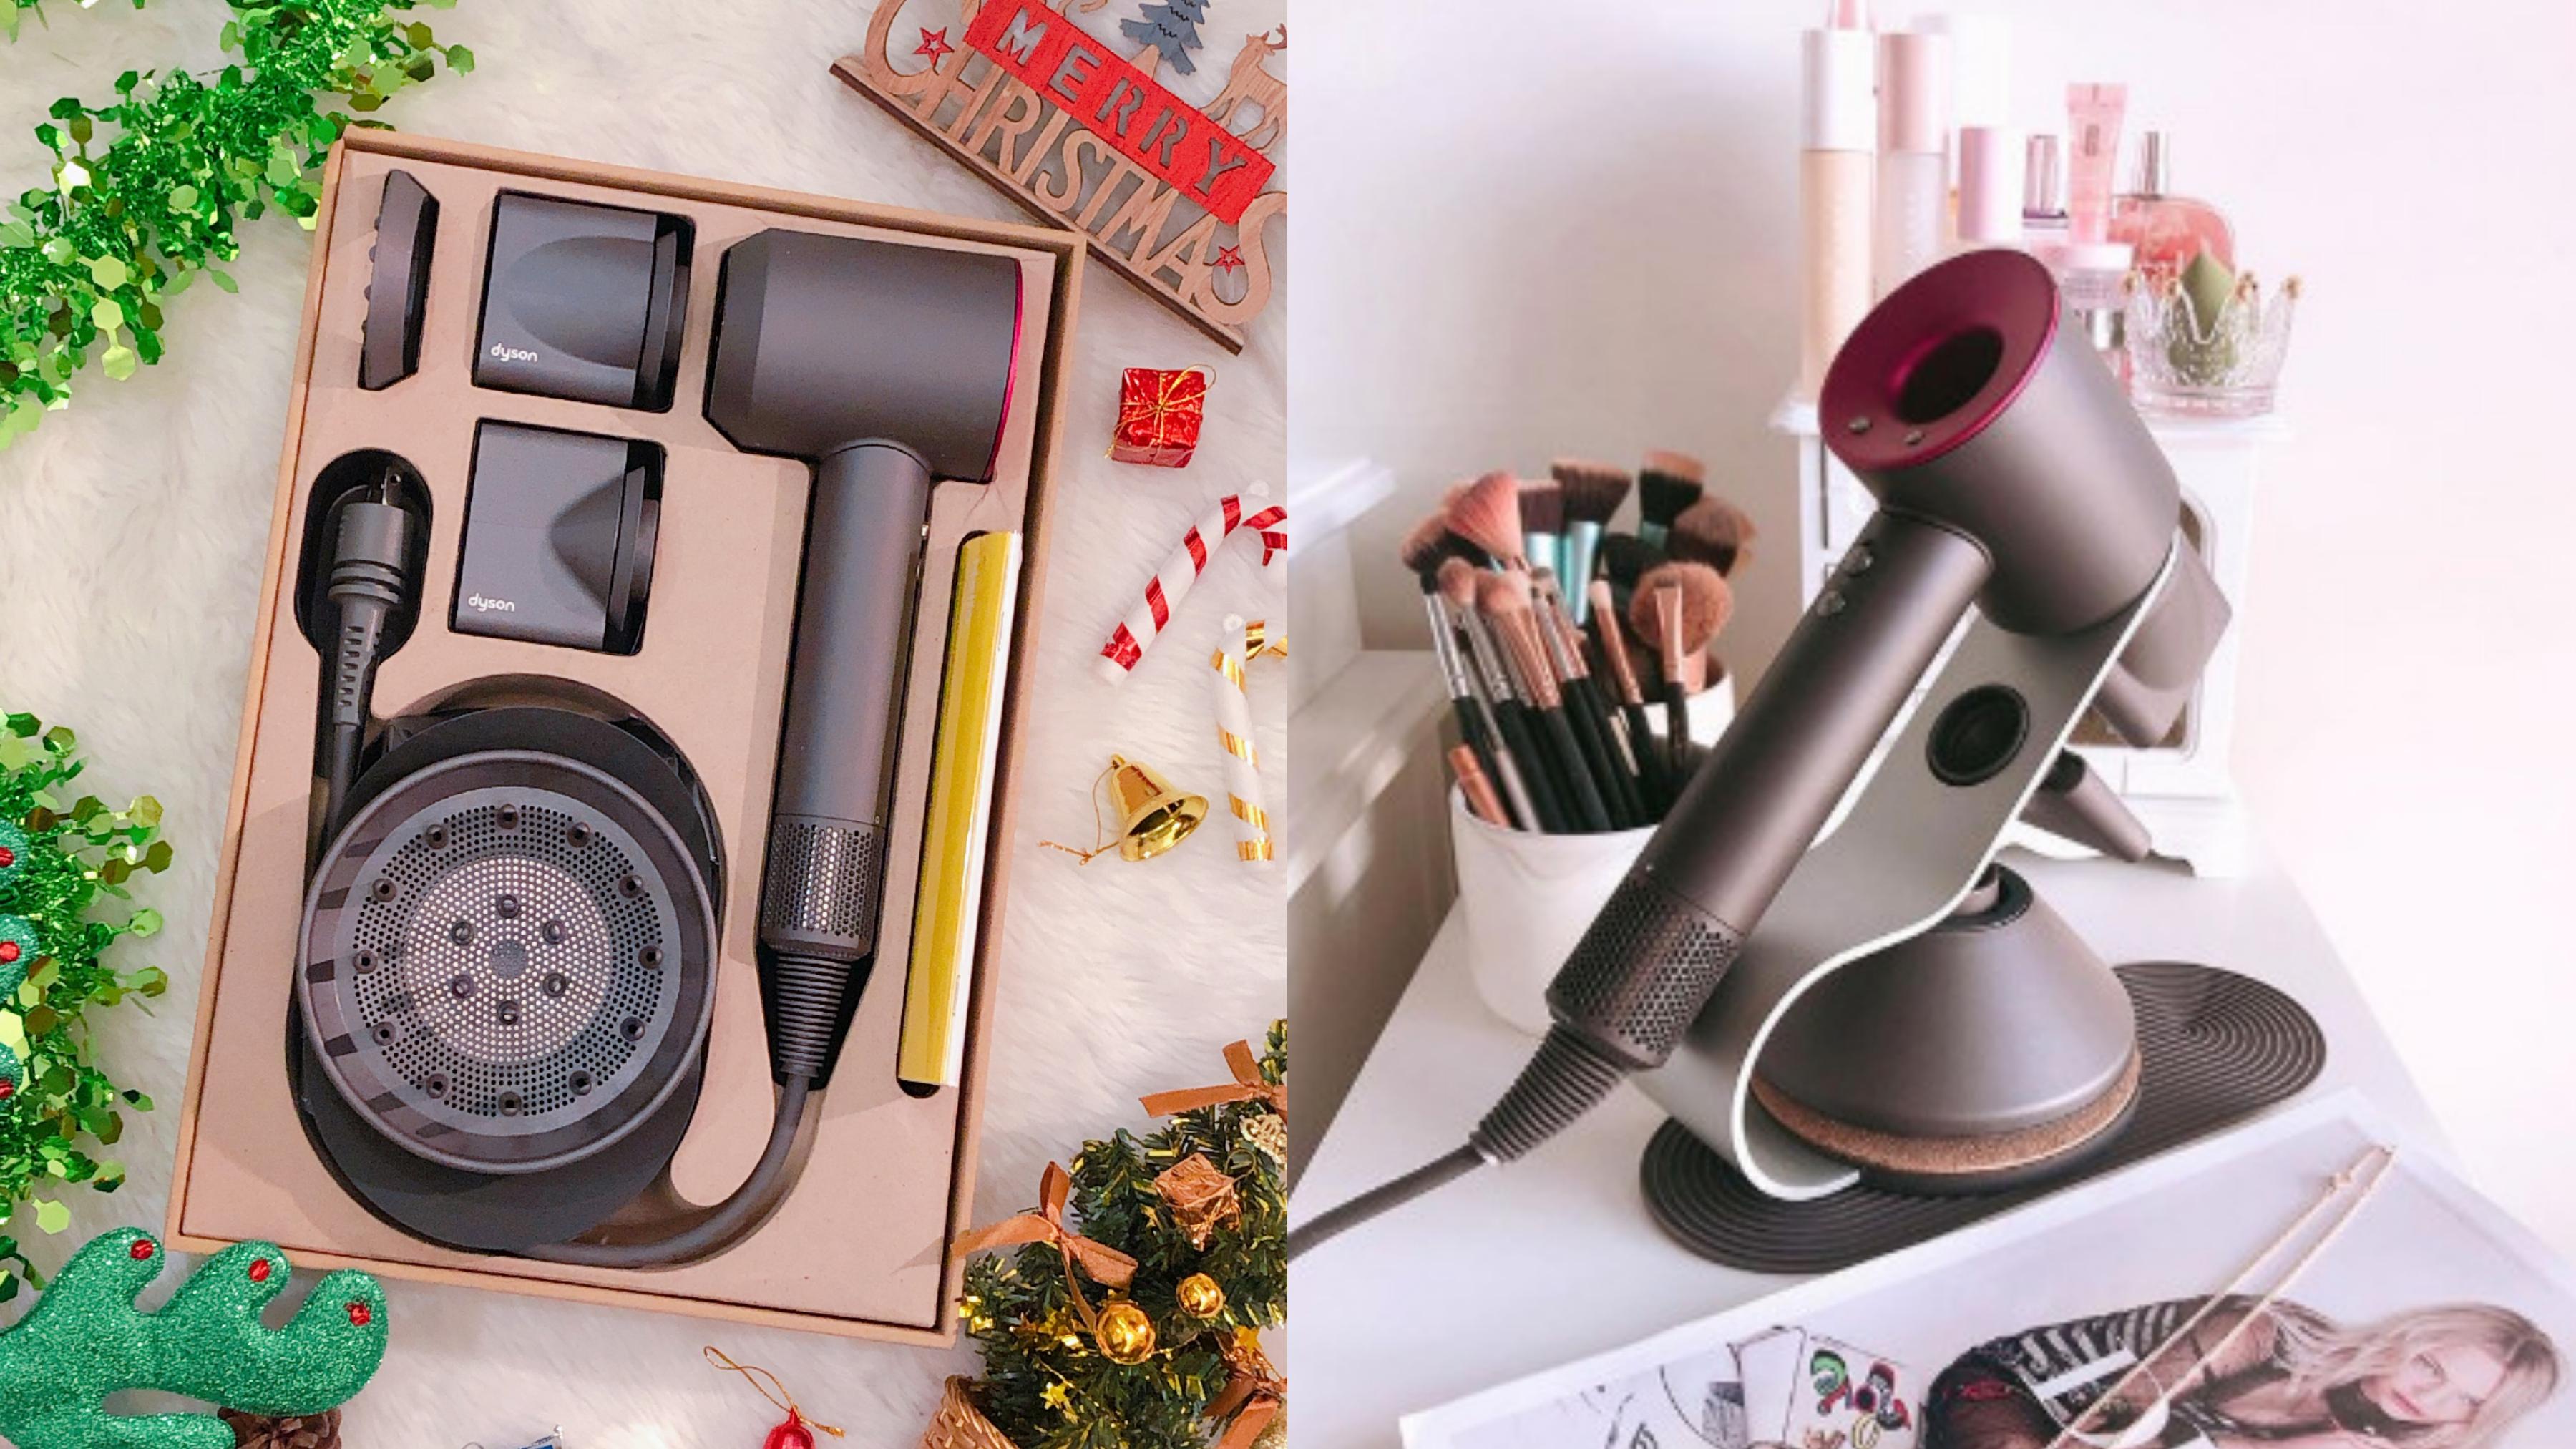 【雙12這樣買】史上最豪華聖誕禮物開箱直擊:新一代 Dyson吹風機,高顏值又實用,搭配專用底座,整齊收納超大心!